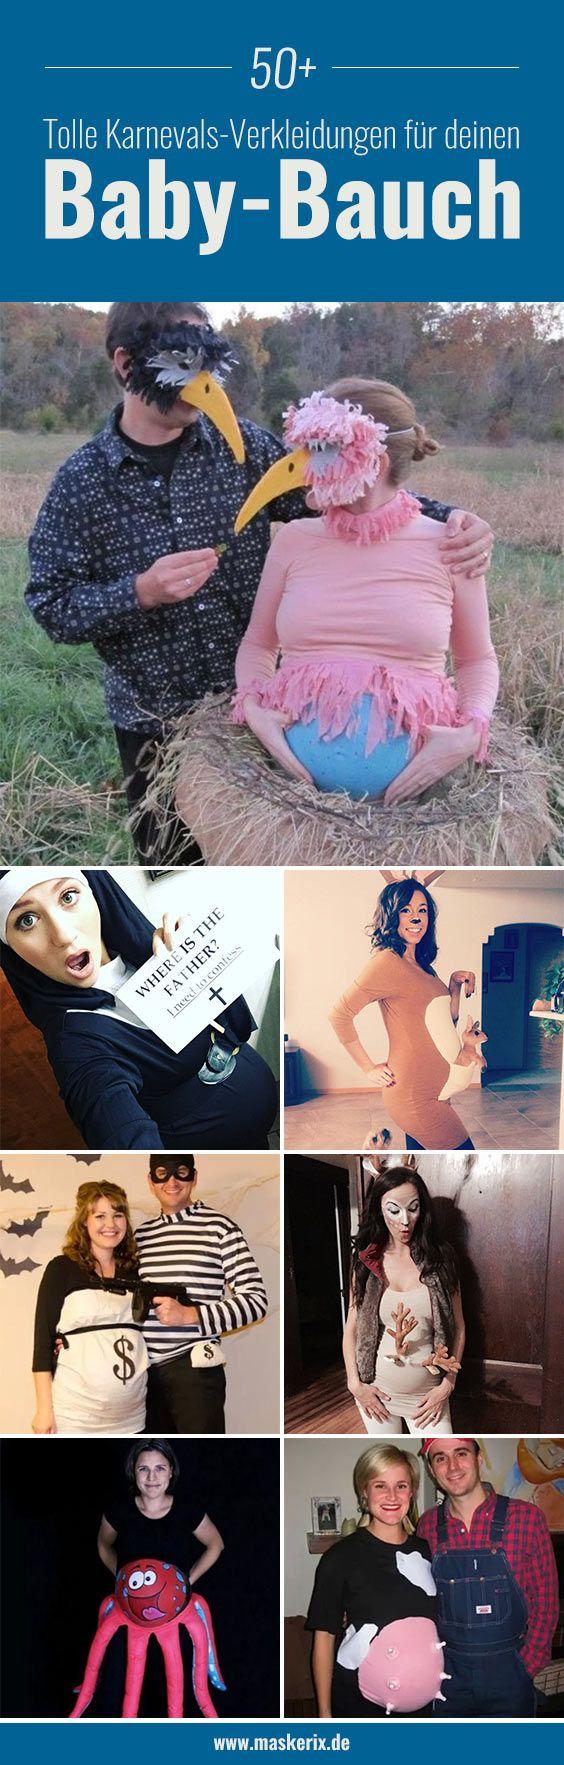 Inspiration, viele Beispiele und alle Accessoires, um dein Kostüme für Schwangere Kostüm selber zu machen!